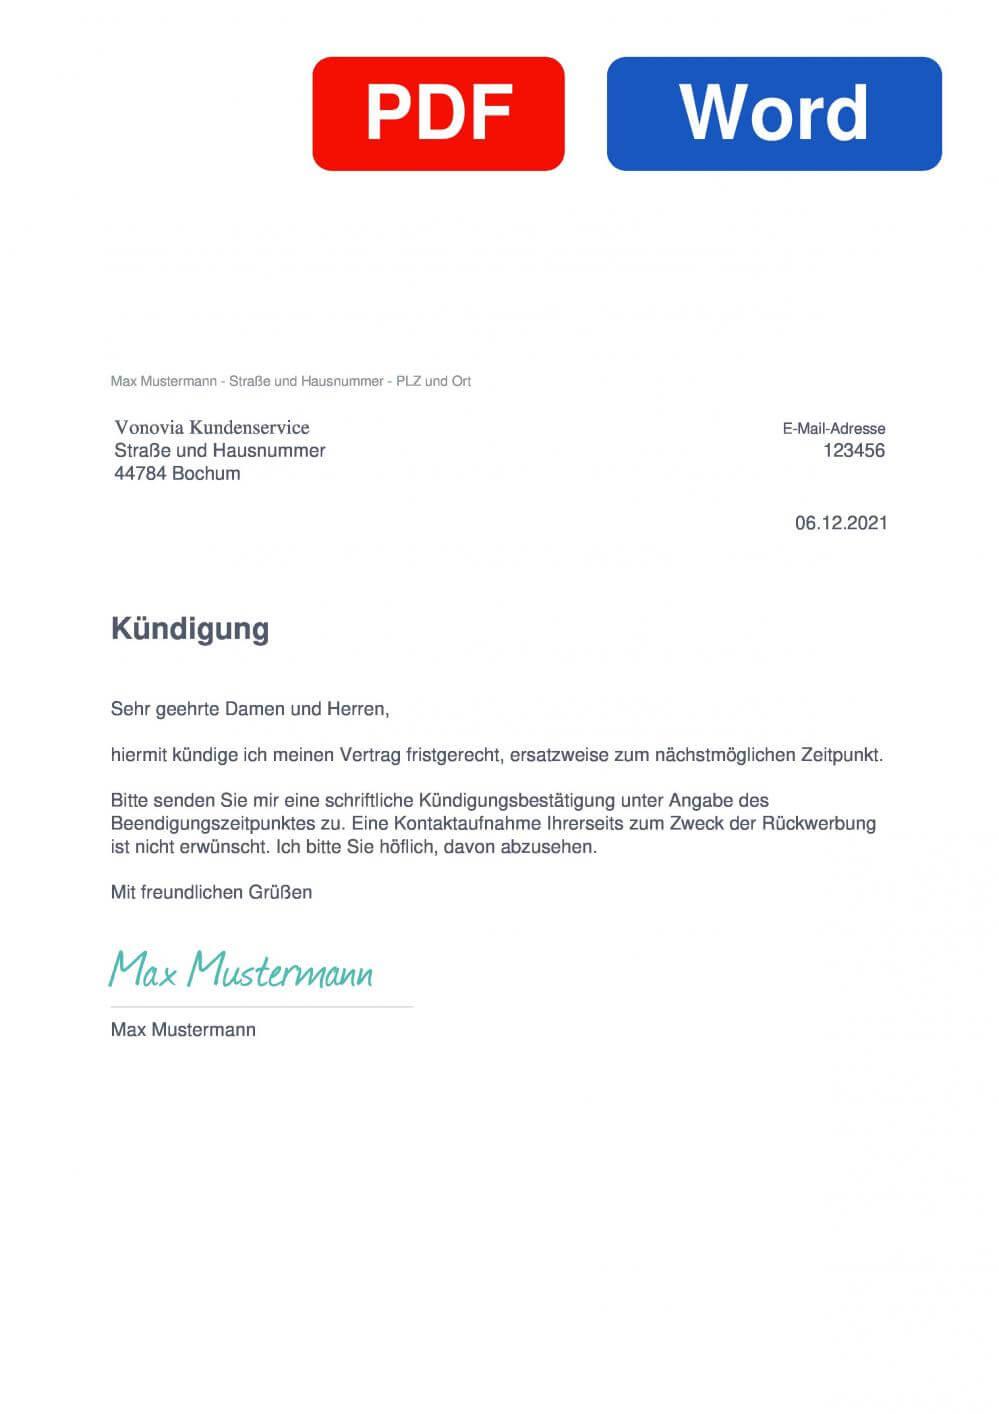 Deutsche Annington Muster Vorlage für Kündigungsschreiben